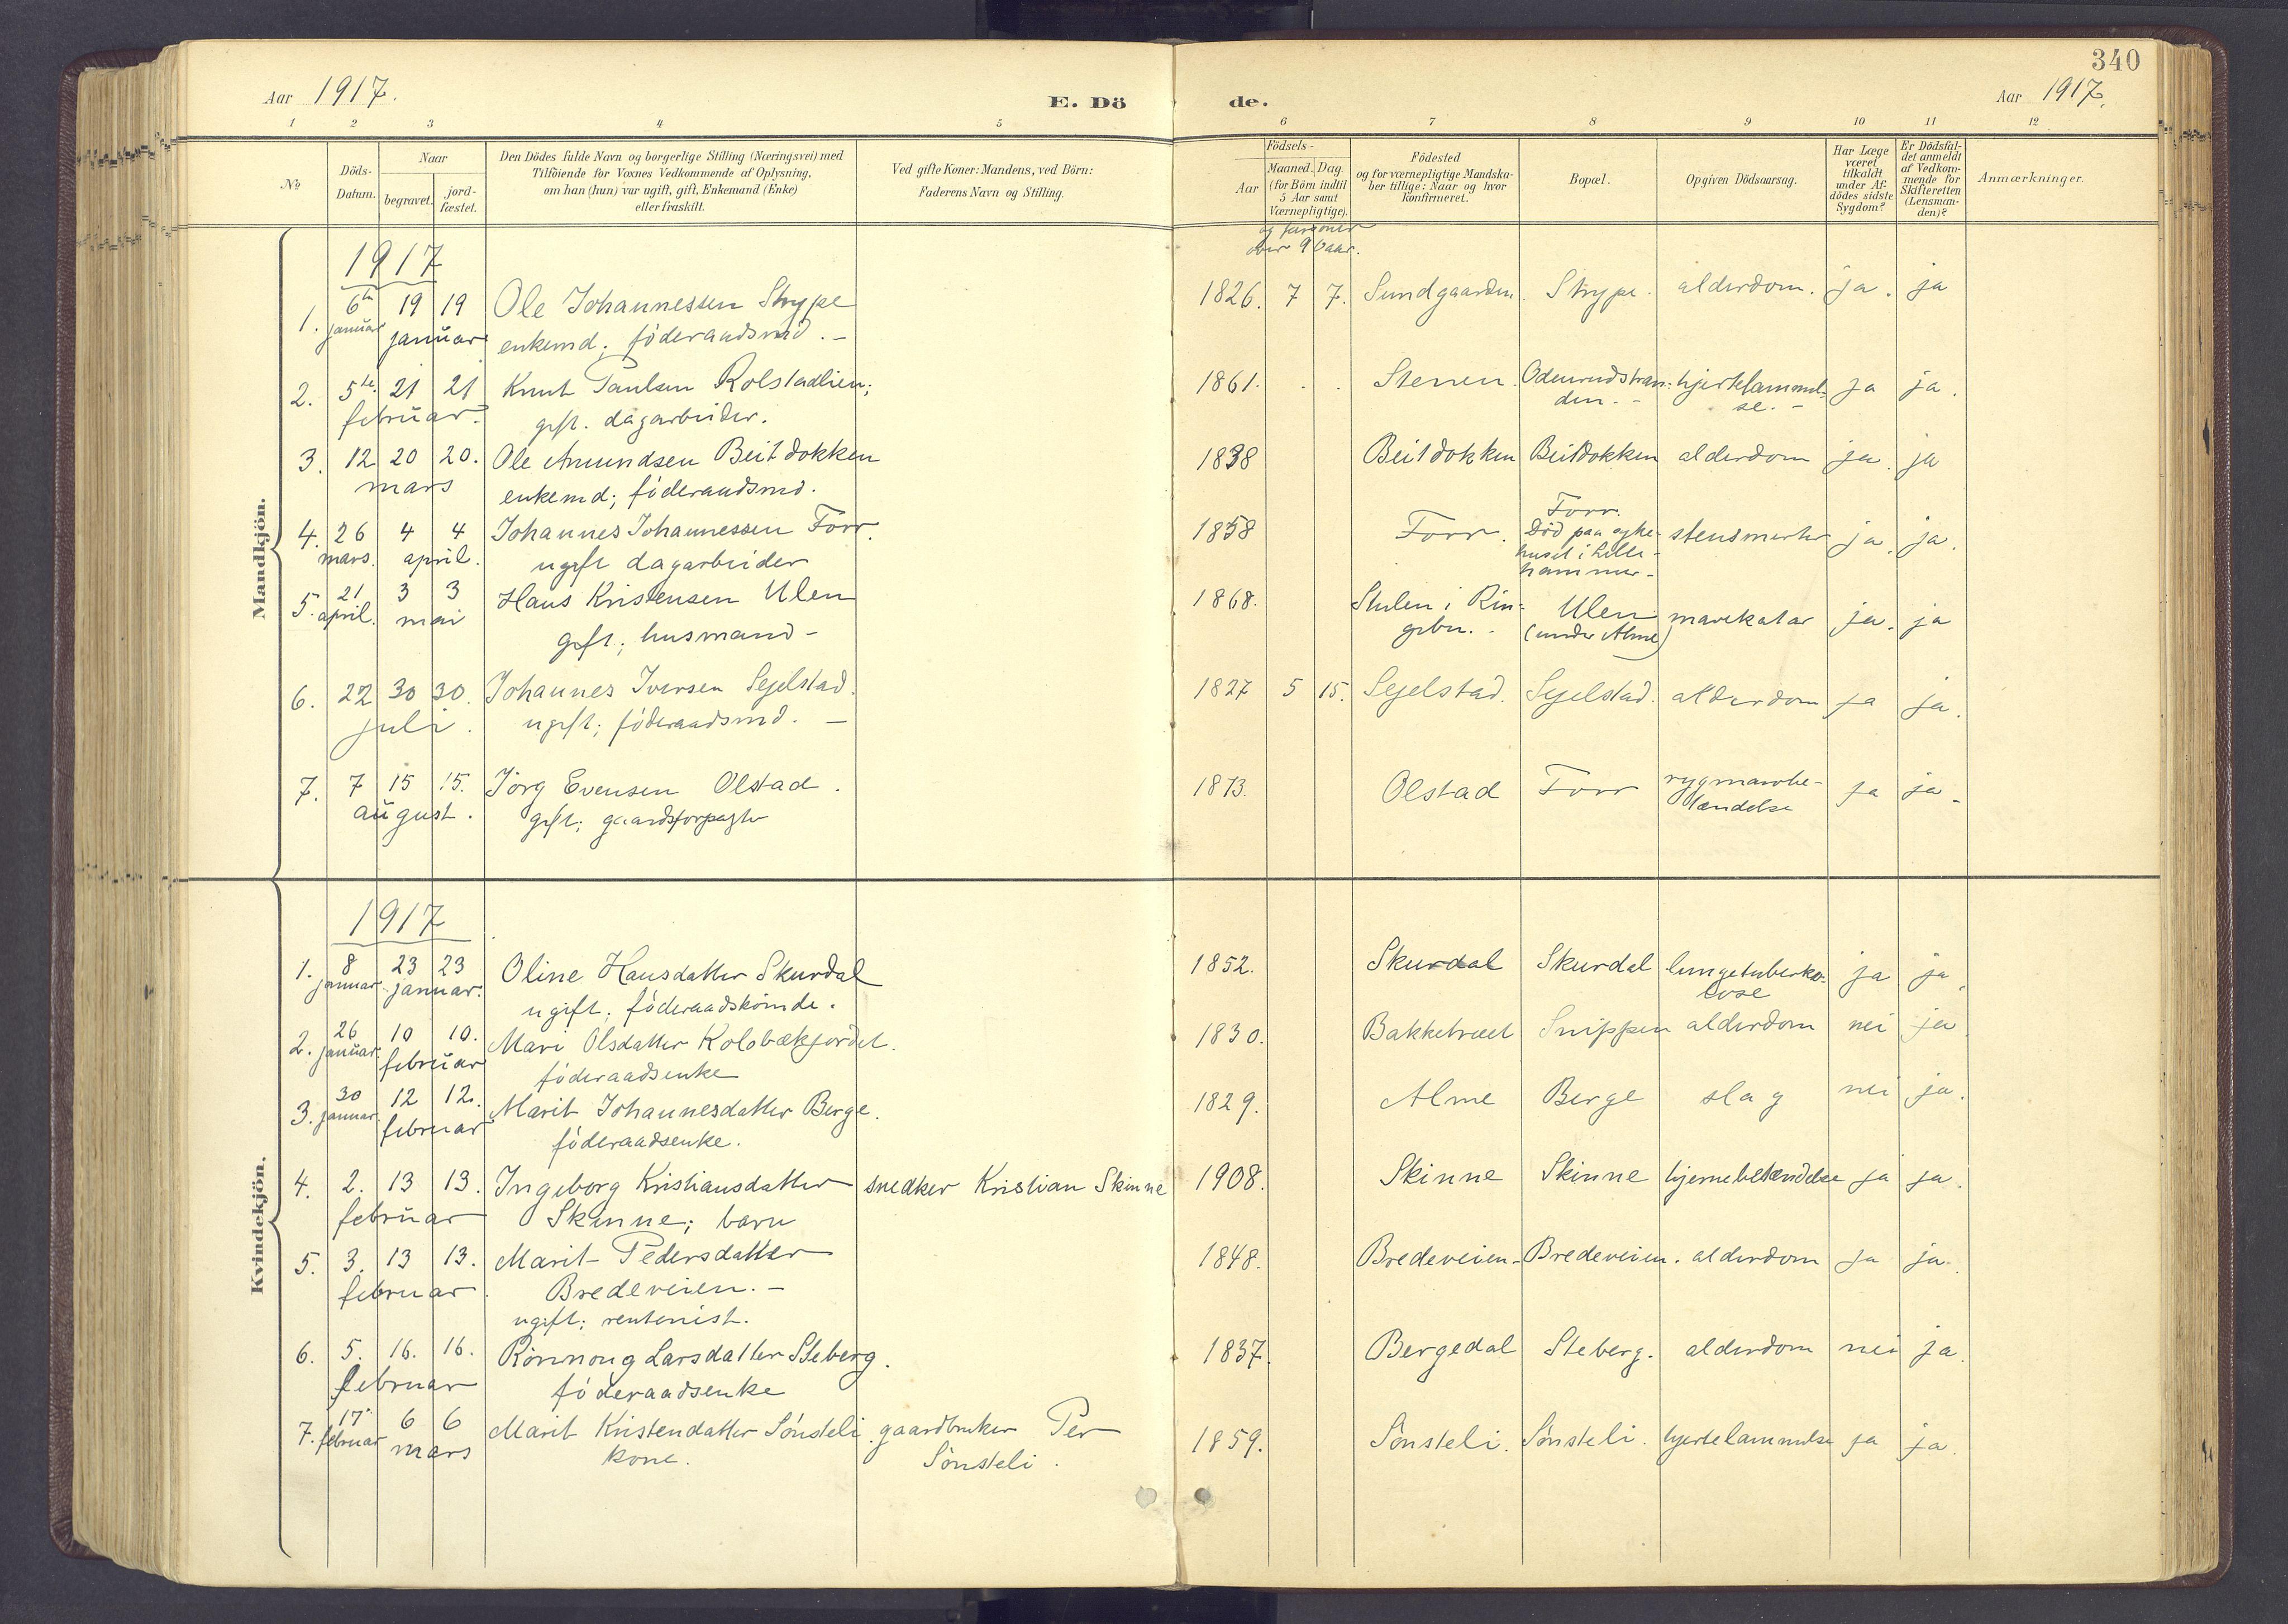 SAH, Sør-Fron prestekontor, H/Ha/Haa/L0004: Ministerialbok nr. 4, 1898-1919, s. 340